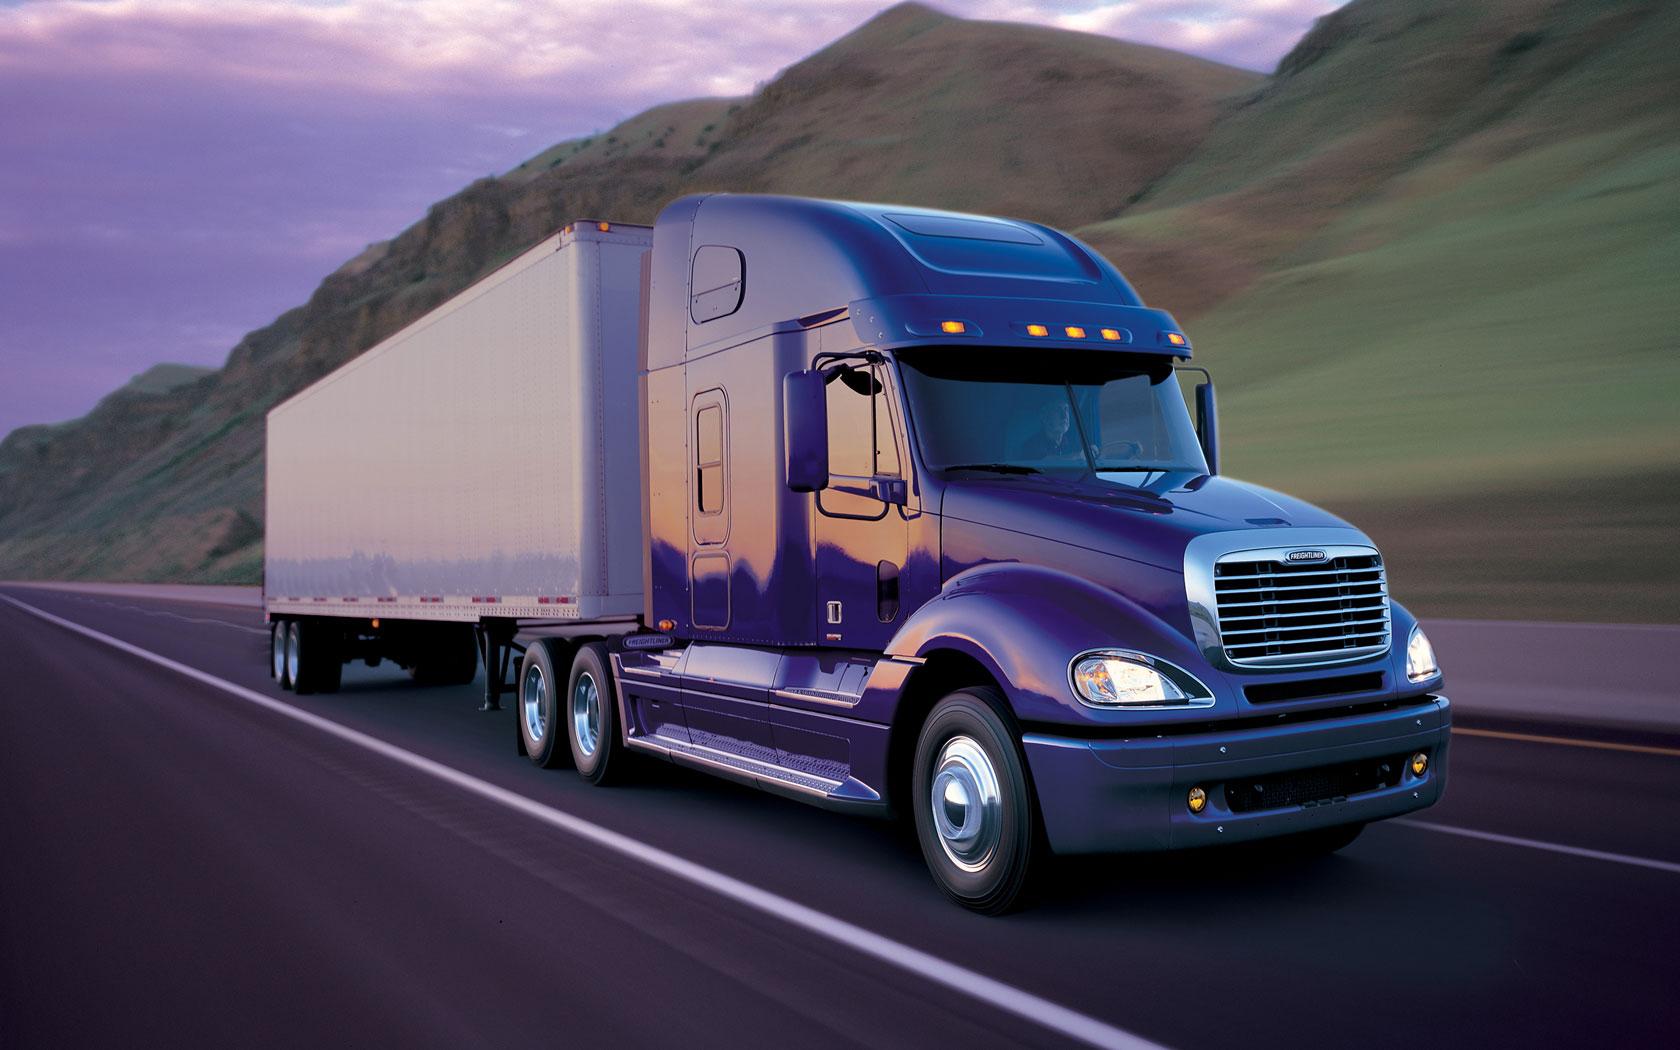 imagenes-de-trailers-de-carga